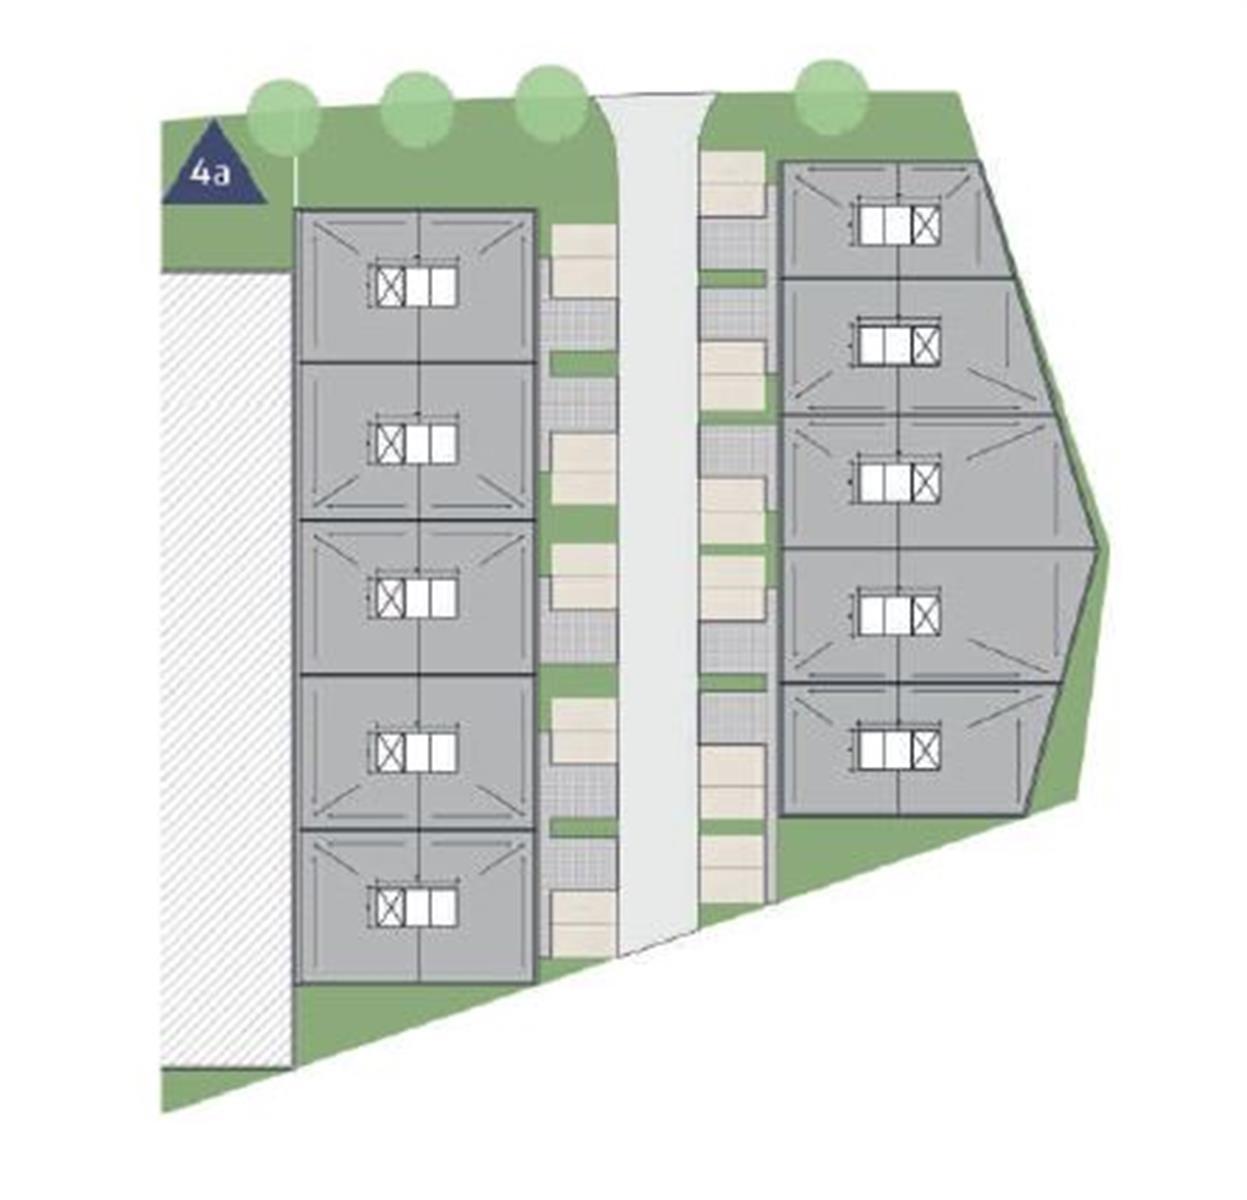 KMO-unit te koop Bollaarpark Lier Bollaarstraat 6